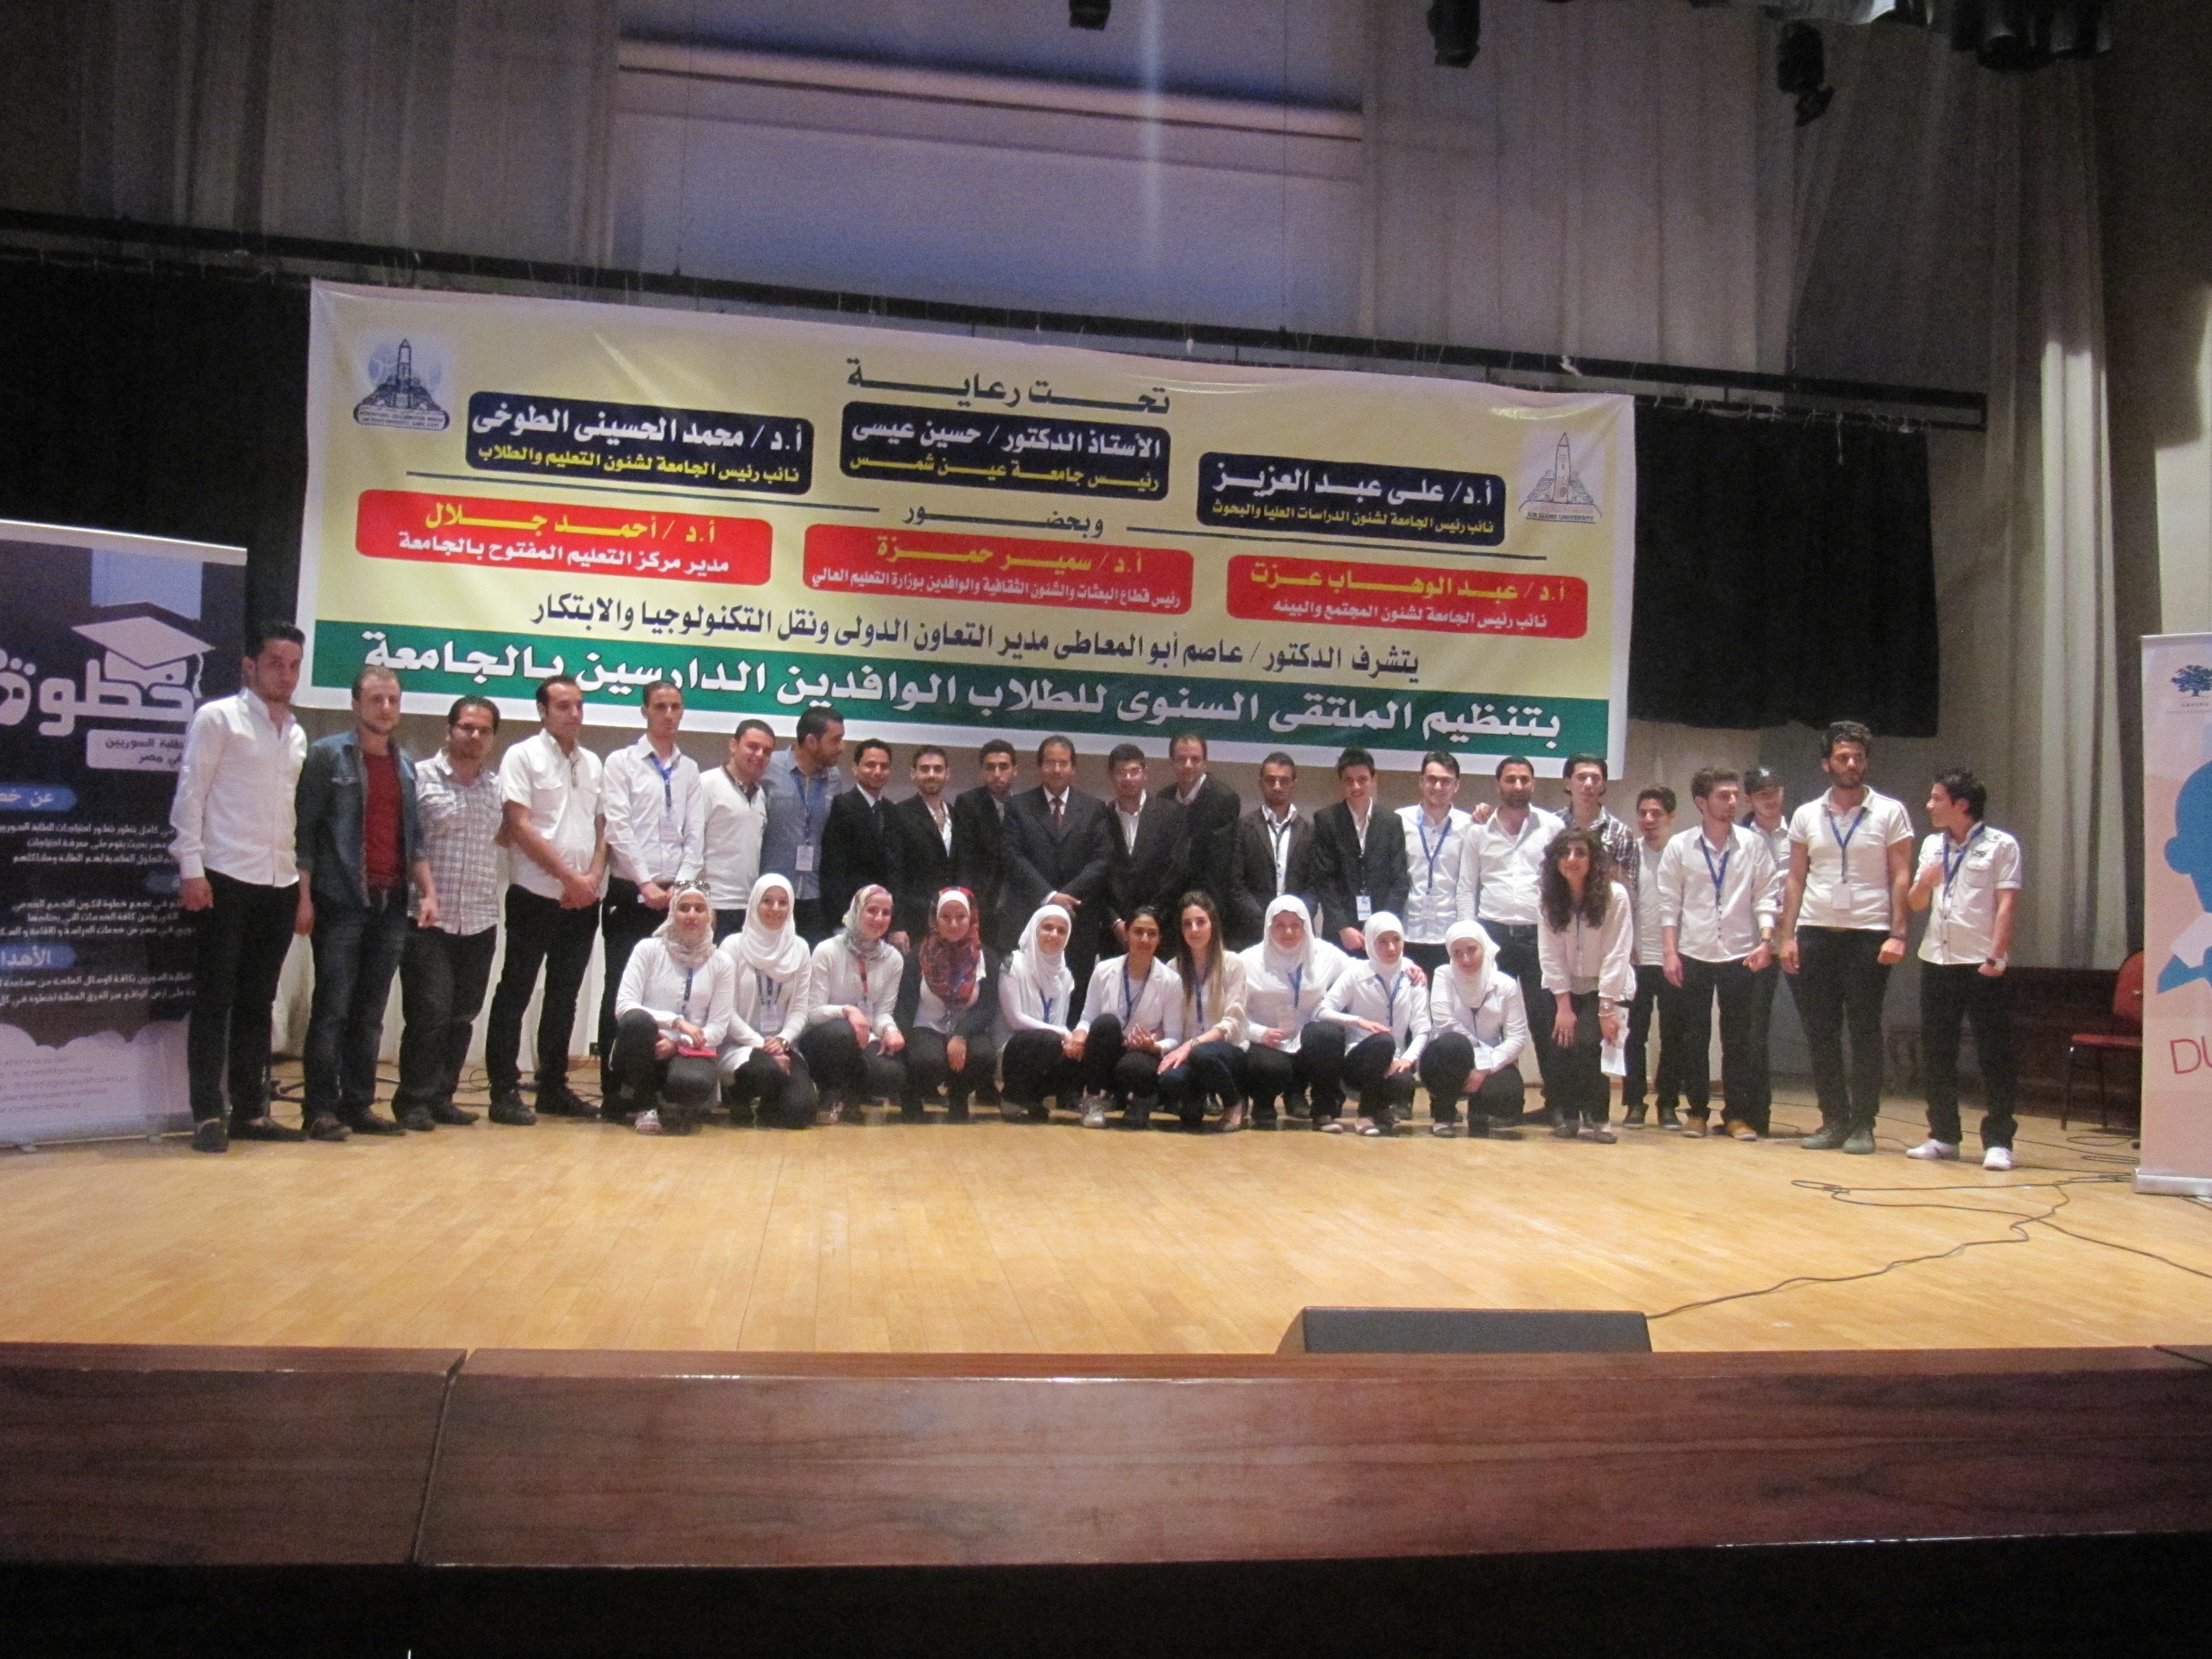 مبادرة شكرا جامعة عين شمس